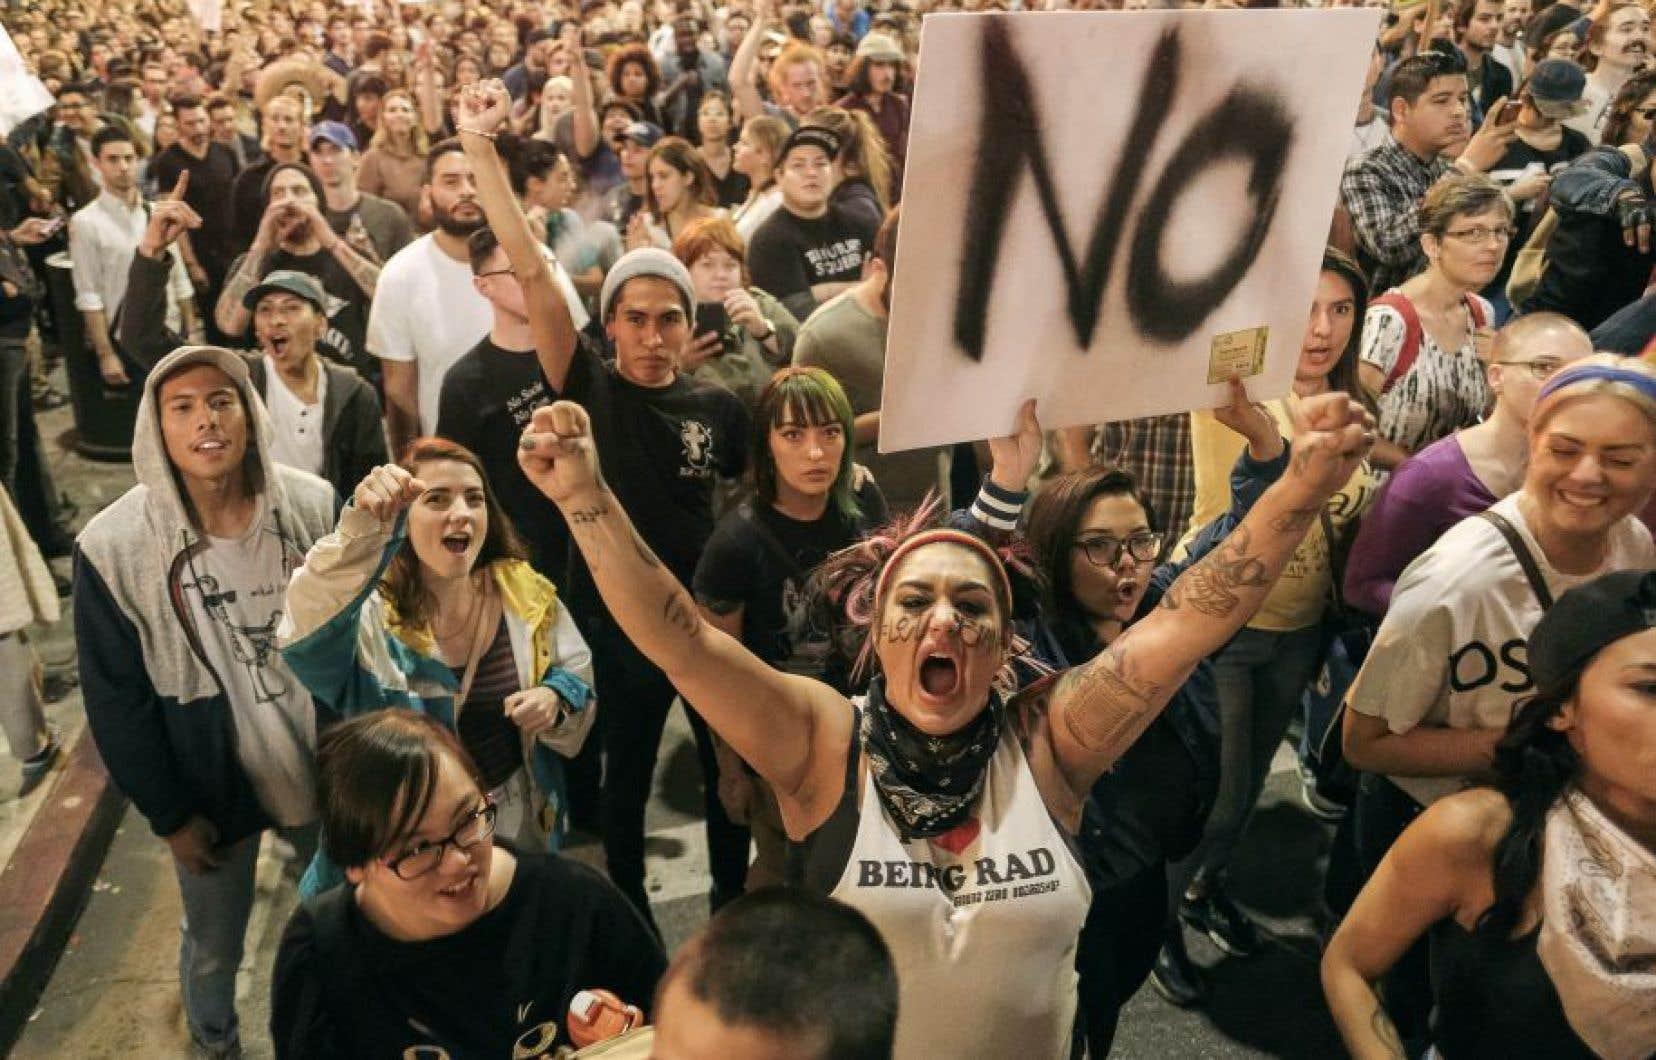 De nombreux étudiants américains sont descendus dans les rues pour manifester leur mécontentement le lendemain de l'élection de Donald Trump.